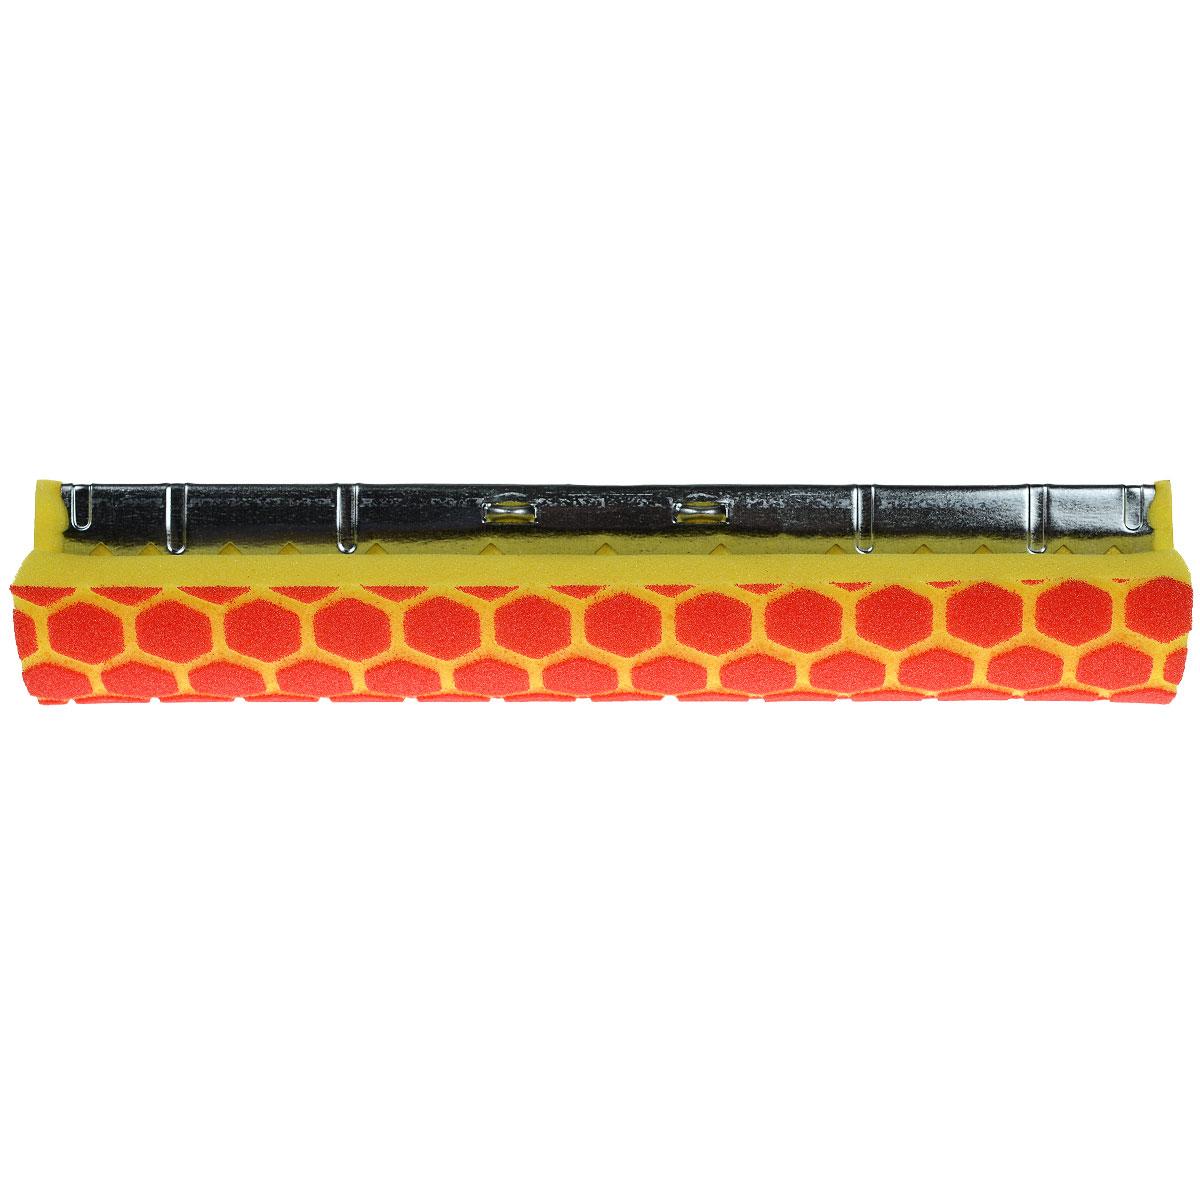 Губка сменная Libman Nitty Gritty, длина 30 см14270471Сменная губка Libman Nitty Gritty для роликовой швабры выполнена из износоустойчивого полиэстера с объемным рисунком соты для лучшего удержания загрязнений. Губка присоединена к надежному металлическому креплению для швабры. С губкой Libman Nitty Gritty уборка станет эффективнее и приятнее. Характеристики:Материал: полиэстер, металл. Цвет: желтый, красный. Длина губки: 30 см. Ширина губки: 8 см. Размер упаковки: 30 см x 8 см x 6 см. Артикул:00956.